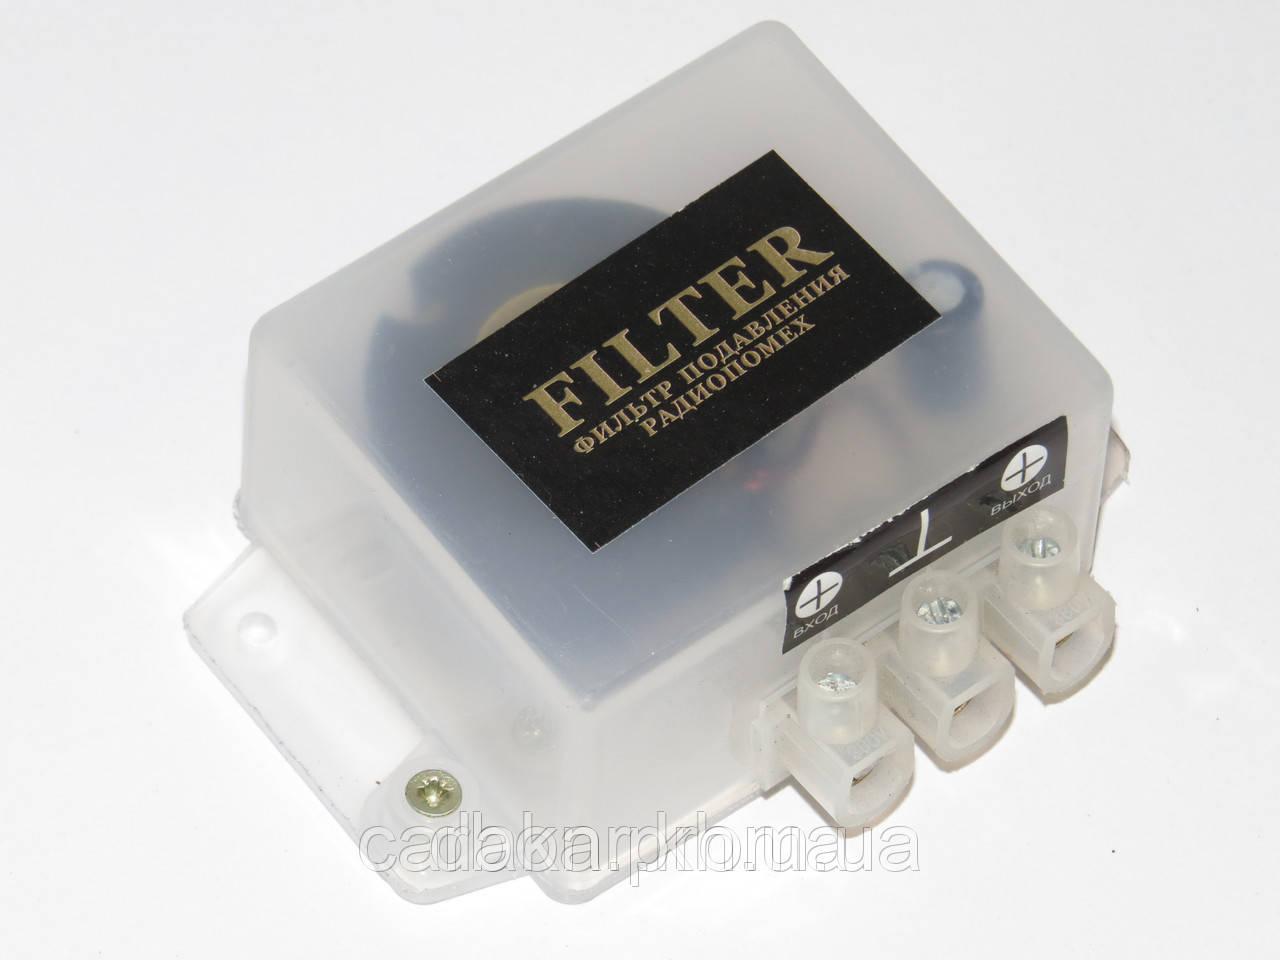 Фильтр радиопомех для автомагнитолы